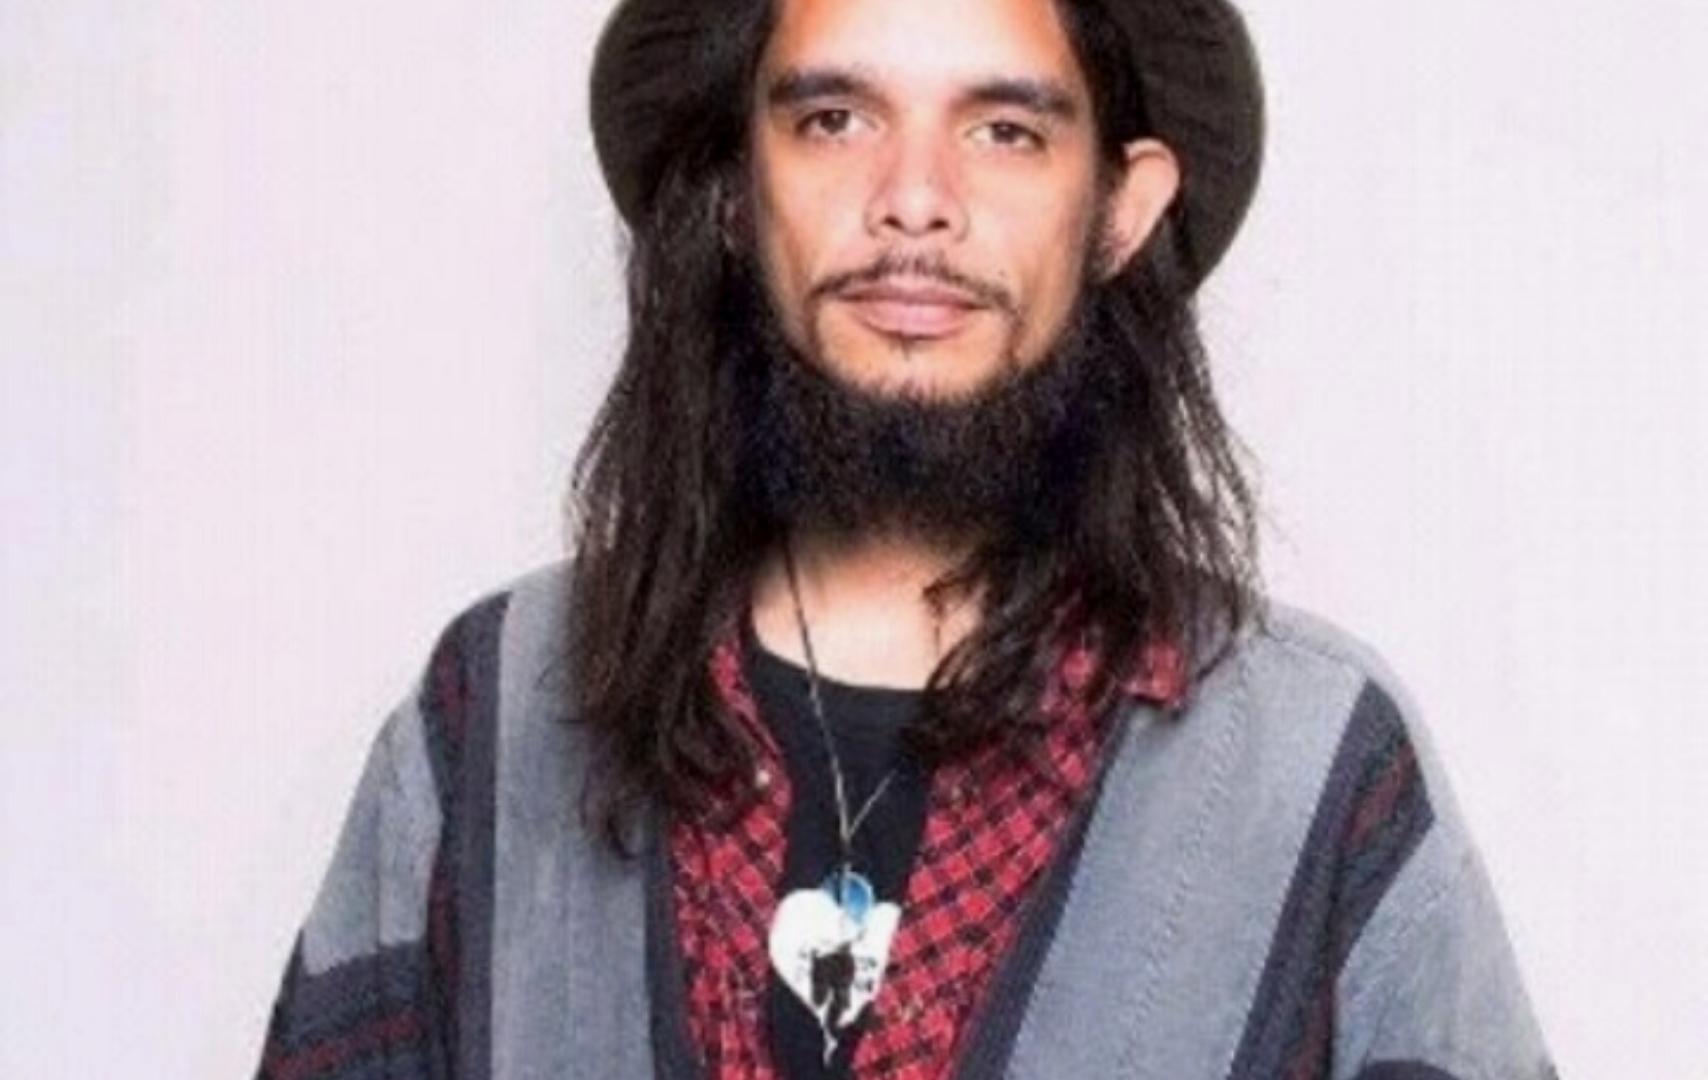 Foto van Miko-Serko. Hij heeft lang donker haar en een baard. Hij draagt een hoed en een rood-zwart shirt. Daaroverheen een grijs jack.